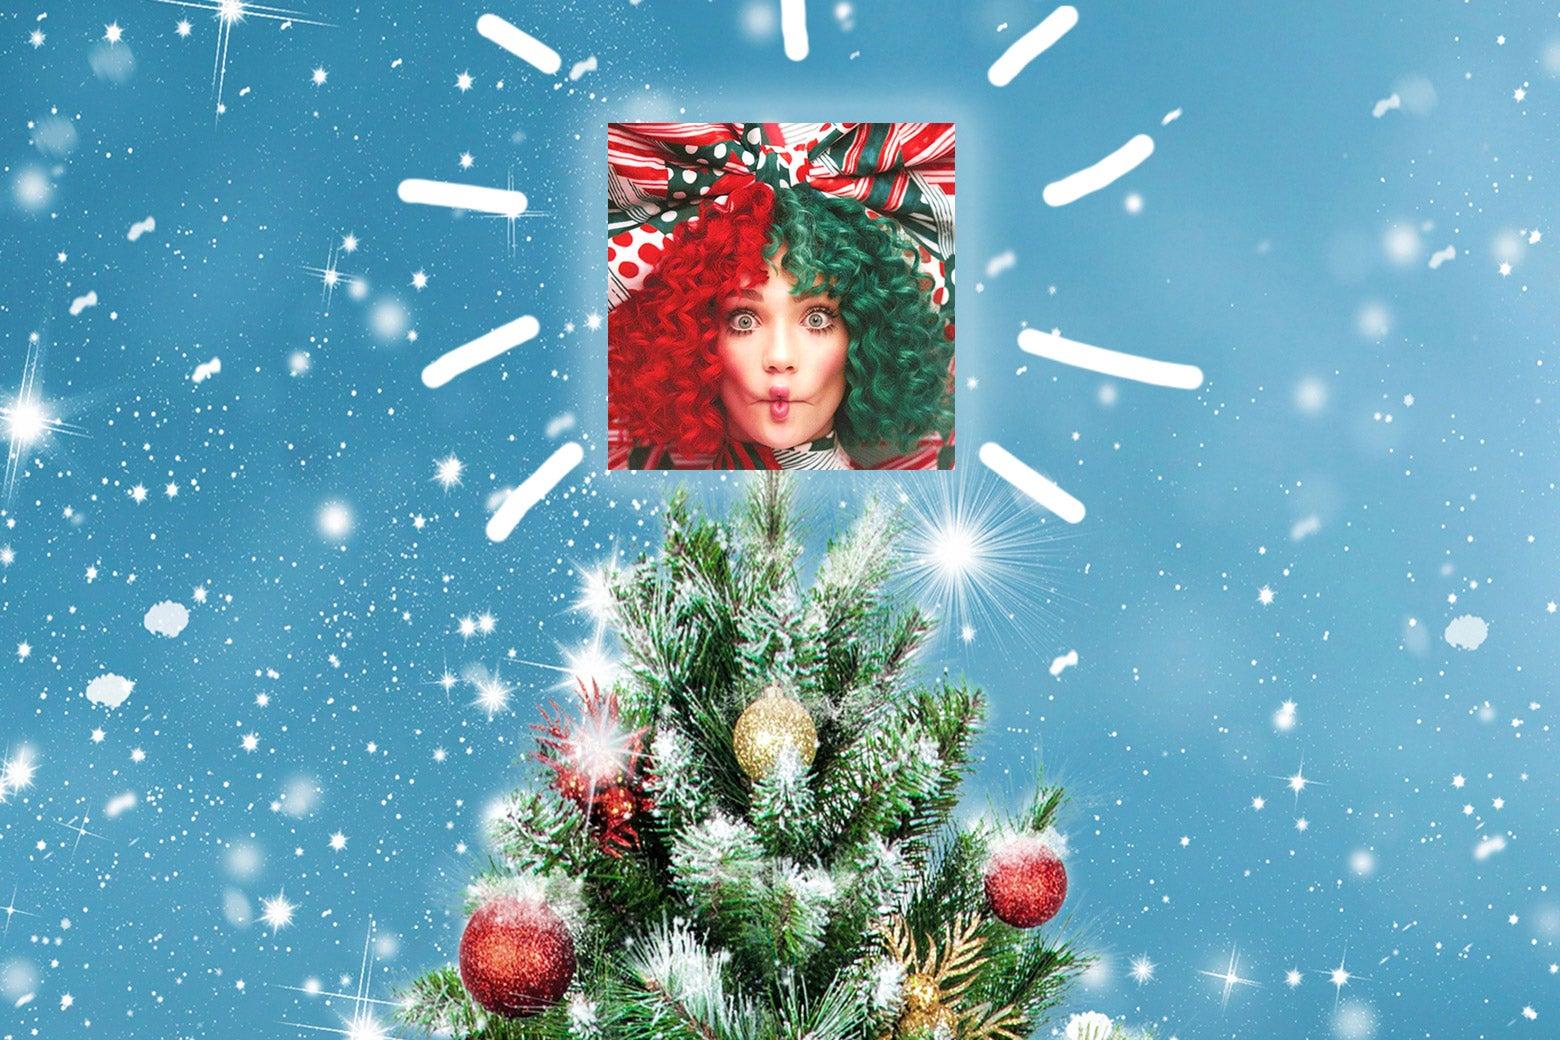 A Christmas tree w/ Sia's Christmas album on top.